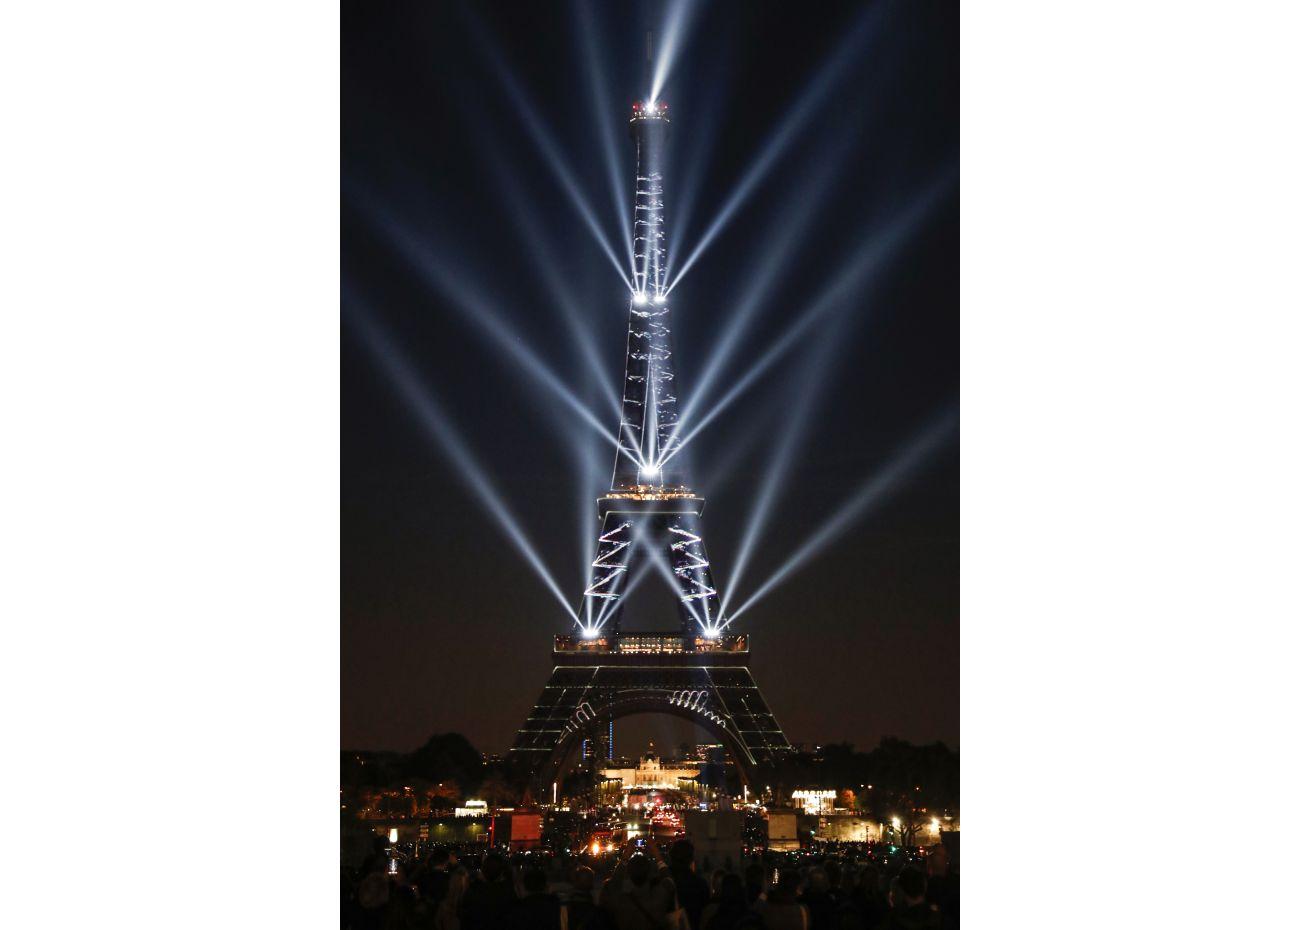 Al anochecer, las luces fueron proyectadas desde diversos puntos de la fachada de la Torre Eiffel. (Foto: AFP)